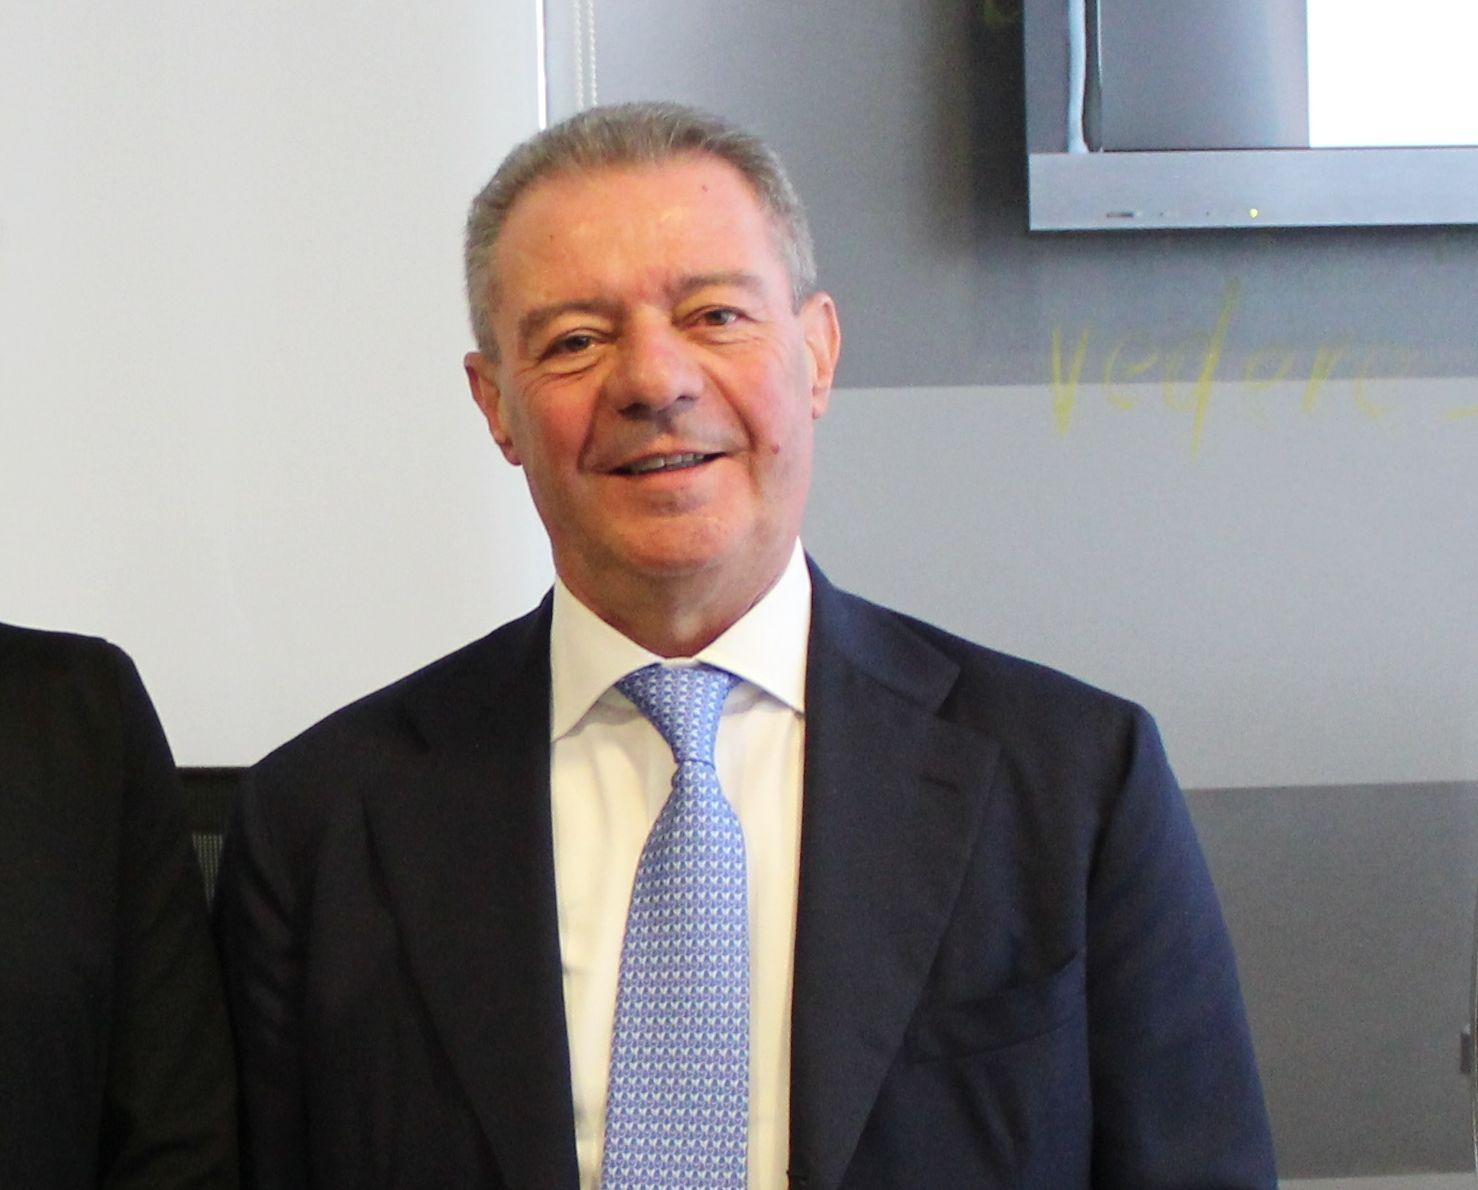 Giovanni Benedetti